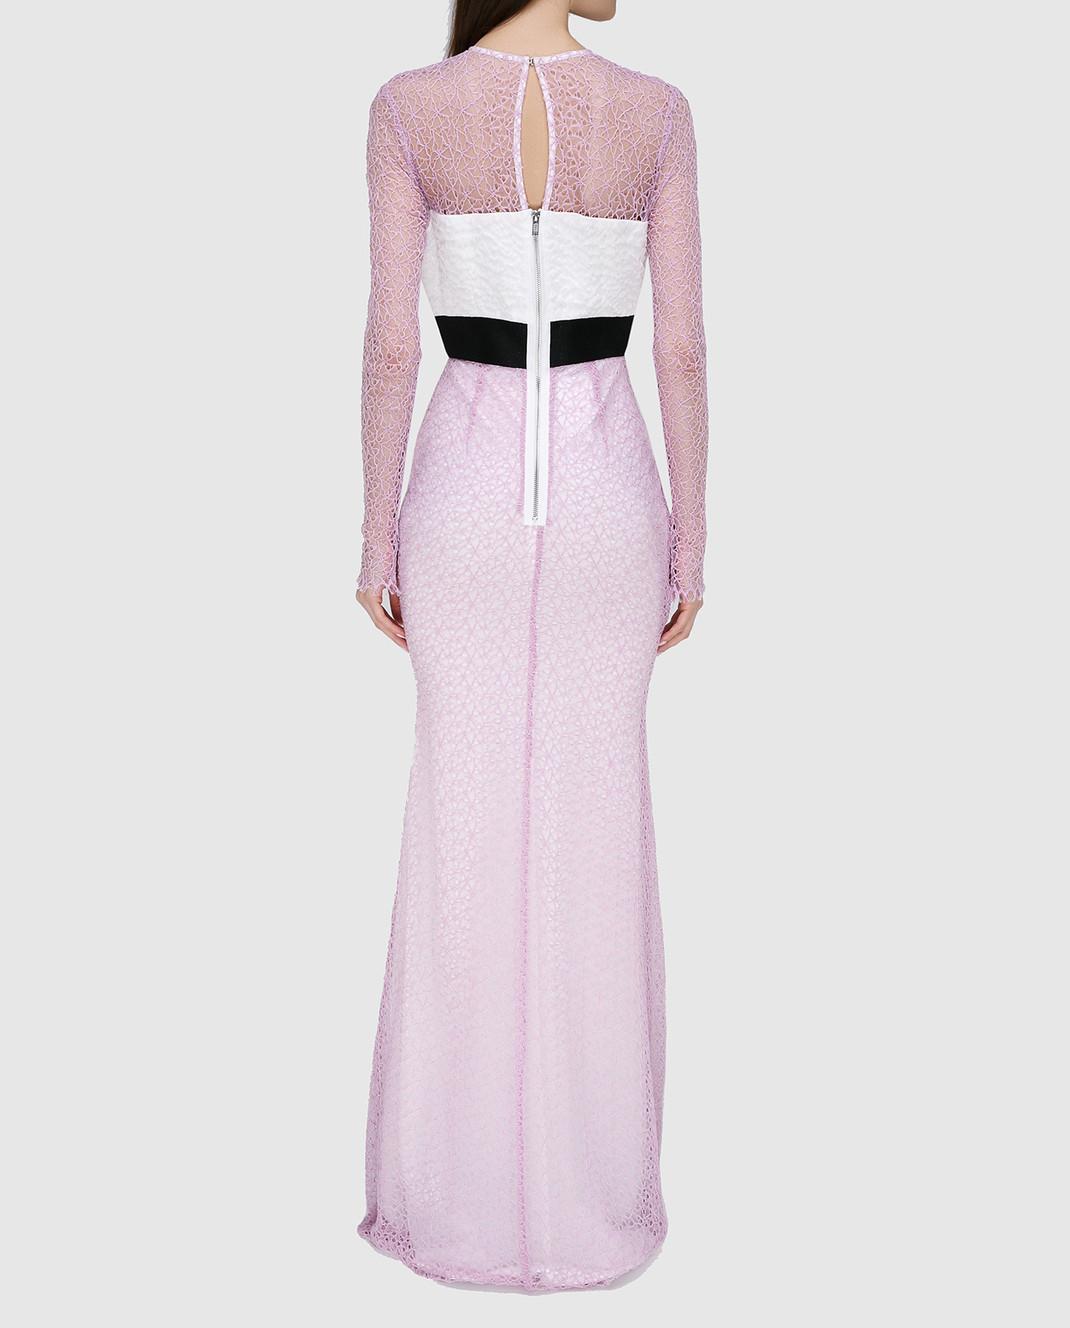 Alex Perry Сиреневое платье из кружева D936 изображение 4